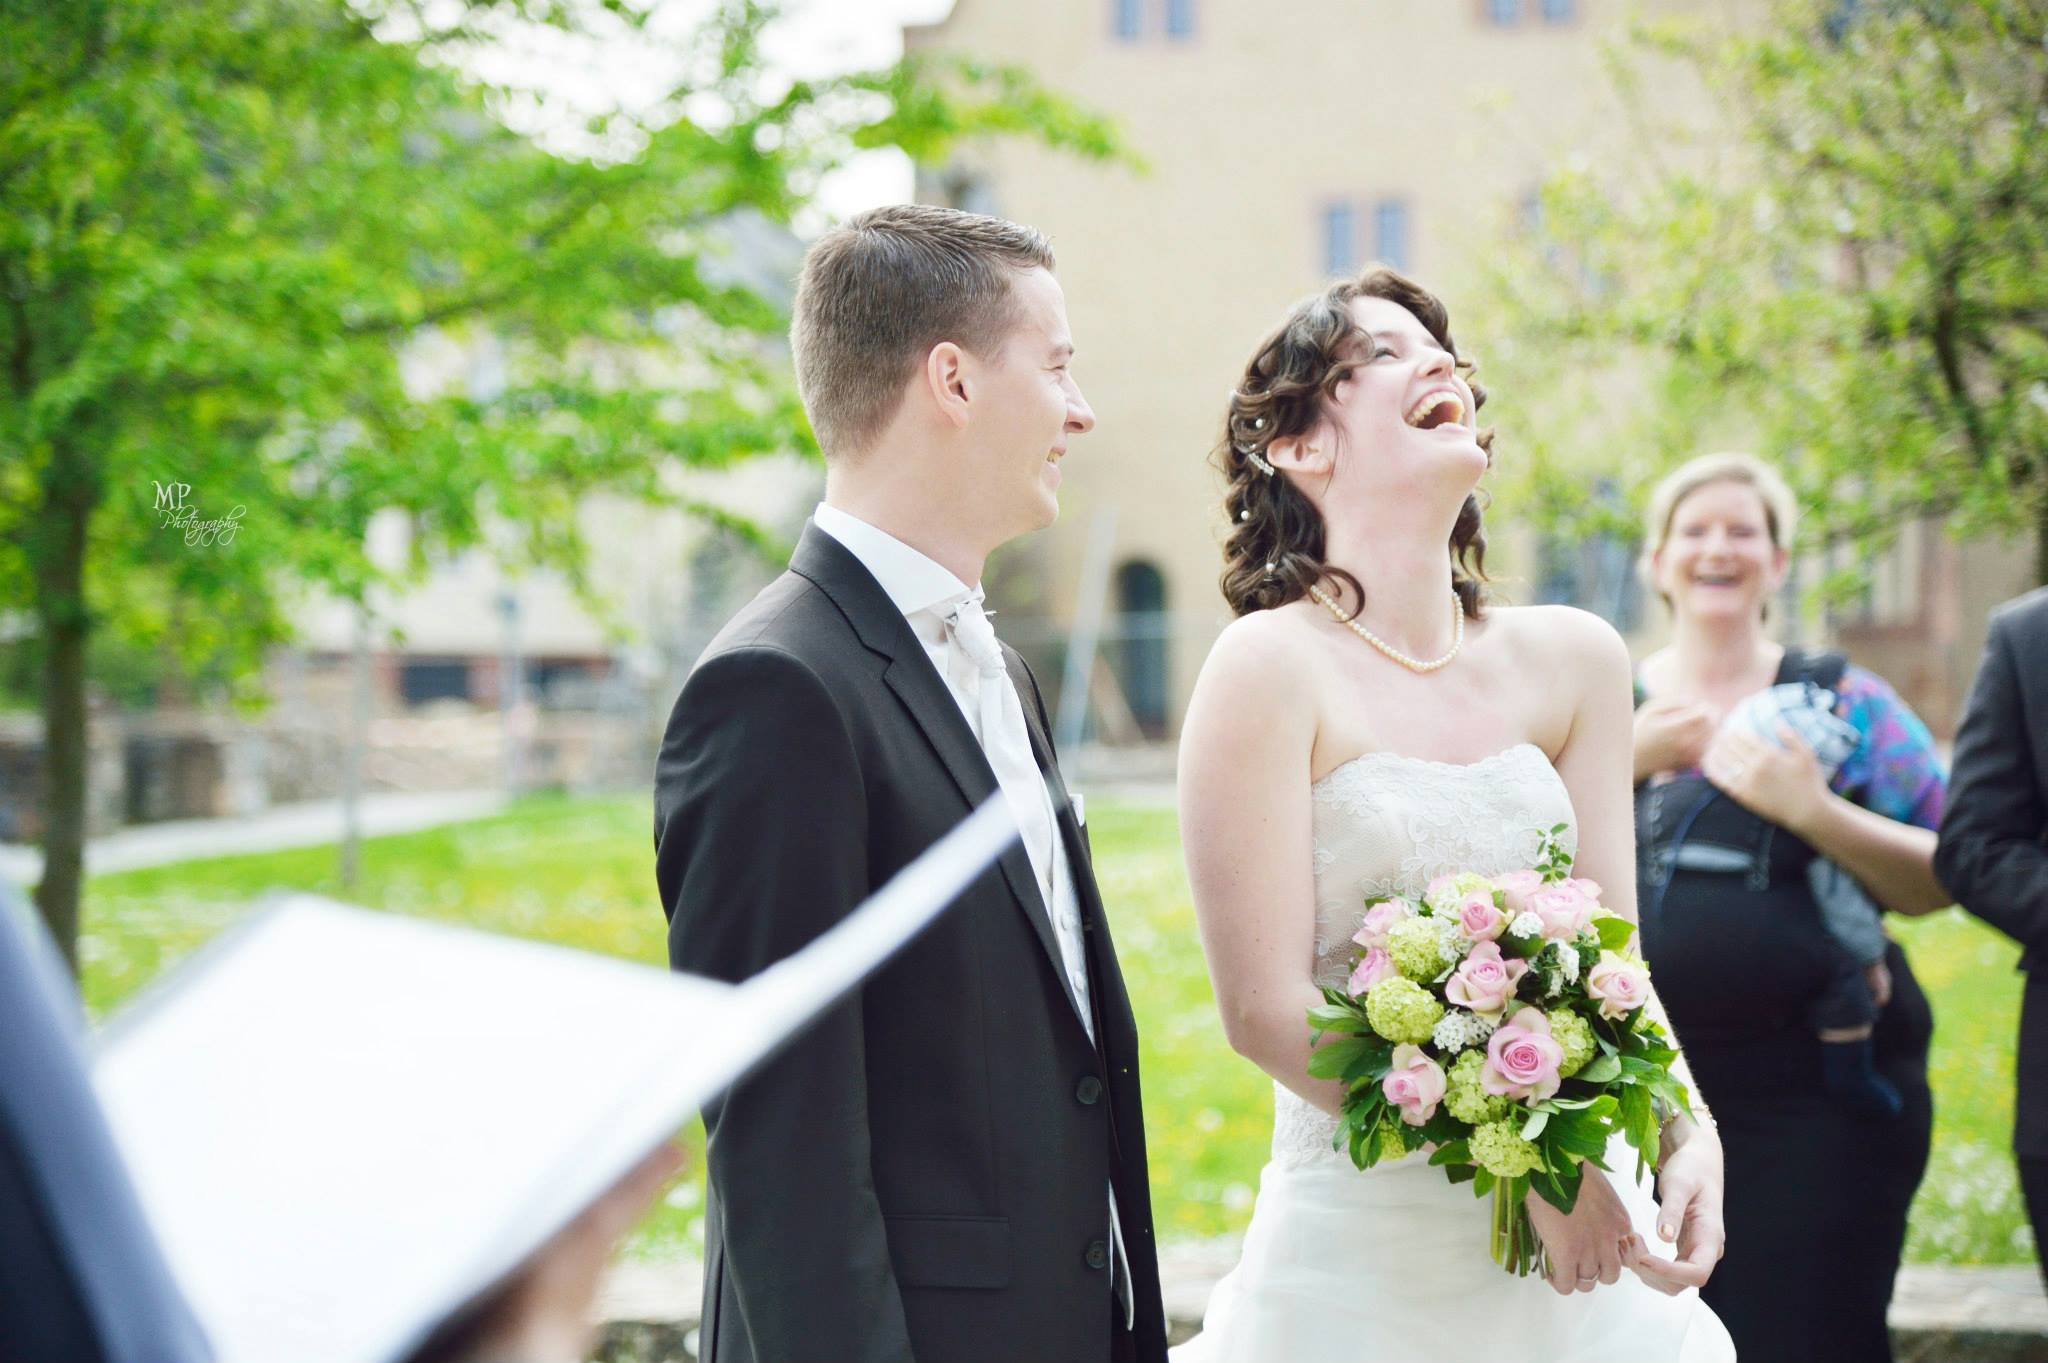 Valeria & Michael - Liebe Simone,wir danken Dir von ganzem Herzen für unsere Trauung. Wir waren uns immer sicher, dass wir mit Dir die richtige Wahl für unsere Hochzeit getroffen haben. Und das haben wir. Unsere Zeremonie haben wir sehr intensiv erlebt und sie war genau so, wie wir es uns gewünscht und mit dir abgesprochen haben. Unzählige Male wurden wir angesprochen, dass die Trauung unter deiner Leitung die schönste, emotionalste und herzlichste Trauzeremonie jemals gewesen sei und das haben wir auch so empfunden. Es ist beinahe(!) schade, dass wir wohl nie mehr zusammenarbeiten werden.:-)